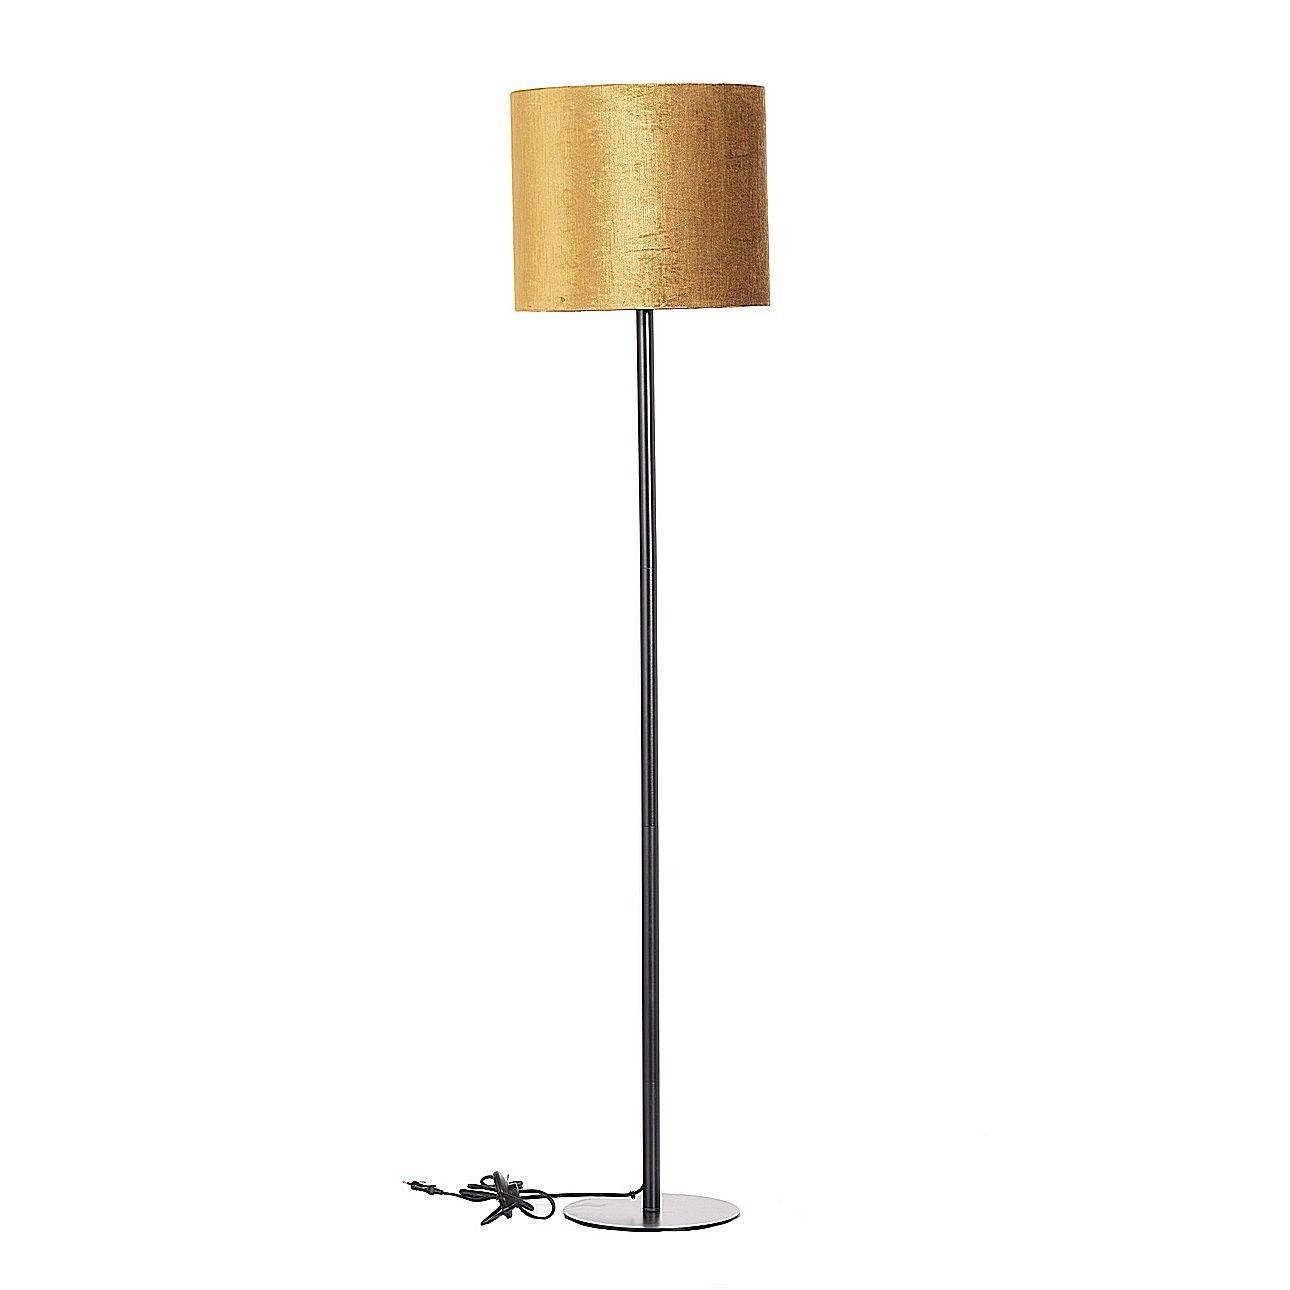 Full Size of Stehlampen Ikea Stehlampe Papier Lampe Lampen Dimmen Wien Schweiz Moderne Dimmbar Küche Kaufen Wohnzimmer Sofa Mit Schlaffunktion Kosten Betten Bei 160x200 Wohnzimmer Stehlampen Ikea